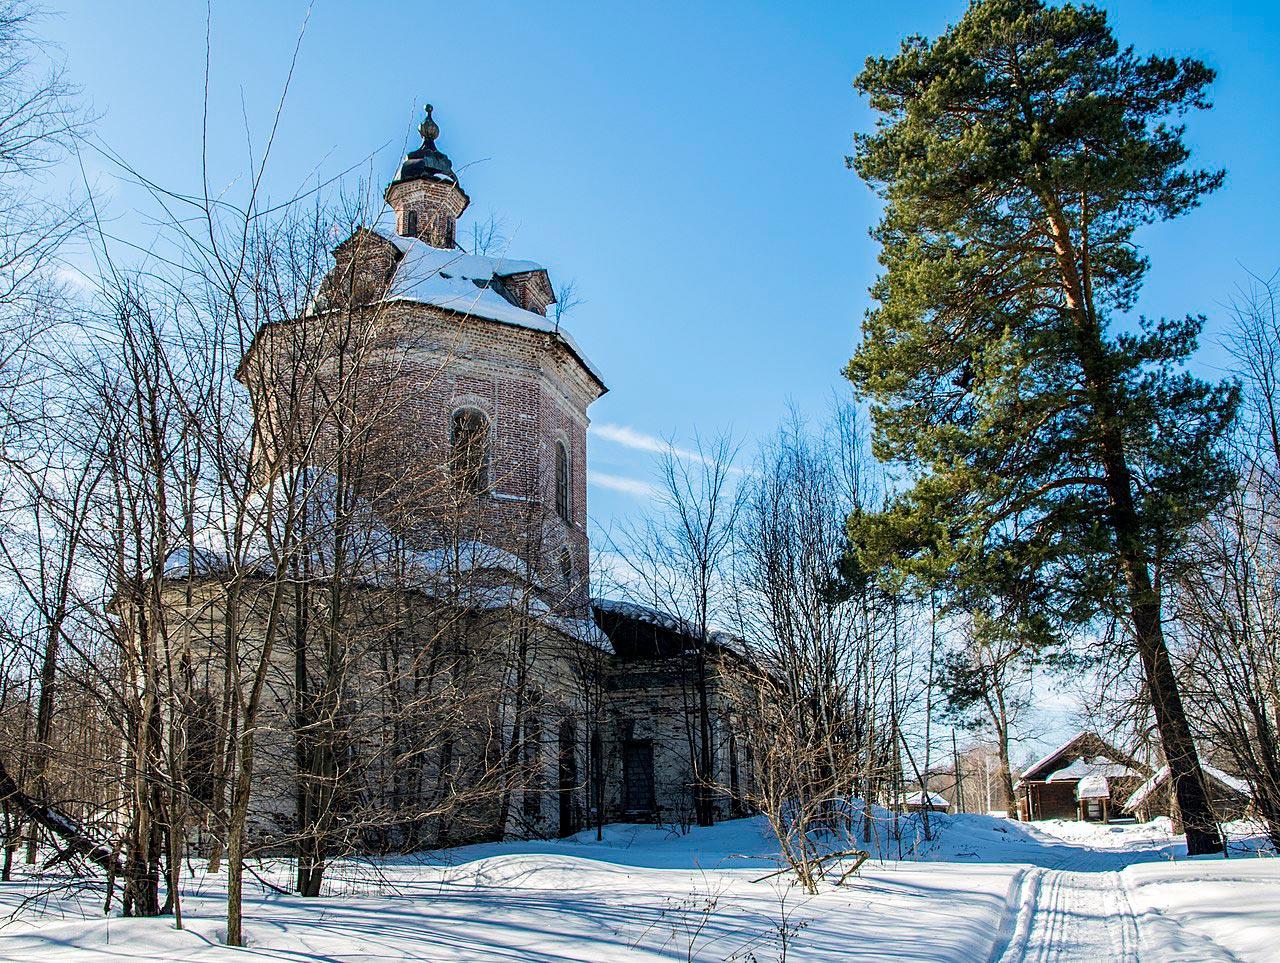 1280px-Церковь_Воскресенская_в_сМ